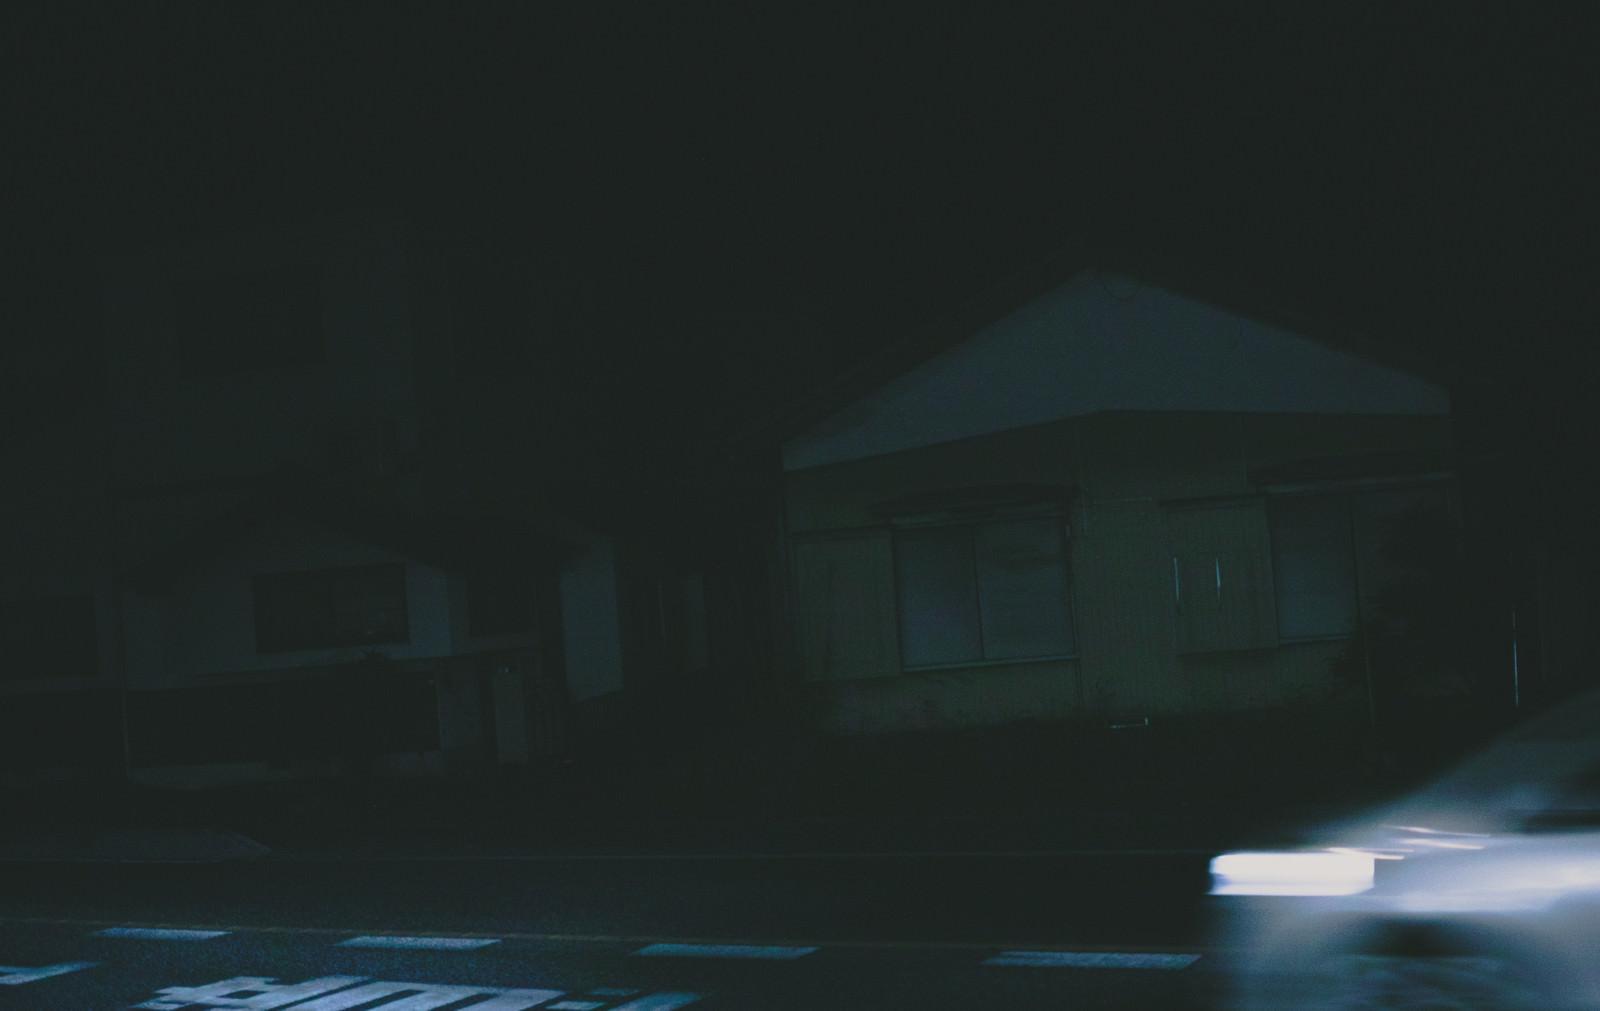 「深夜帯の民家前を走り去る車の残像」の写真